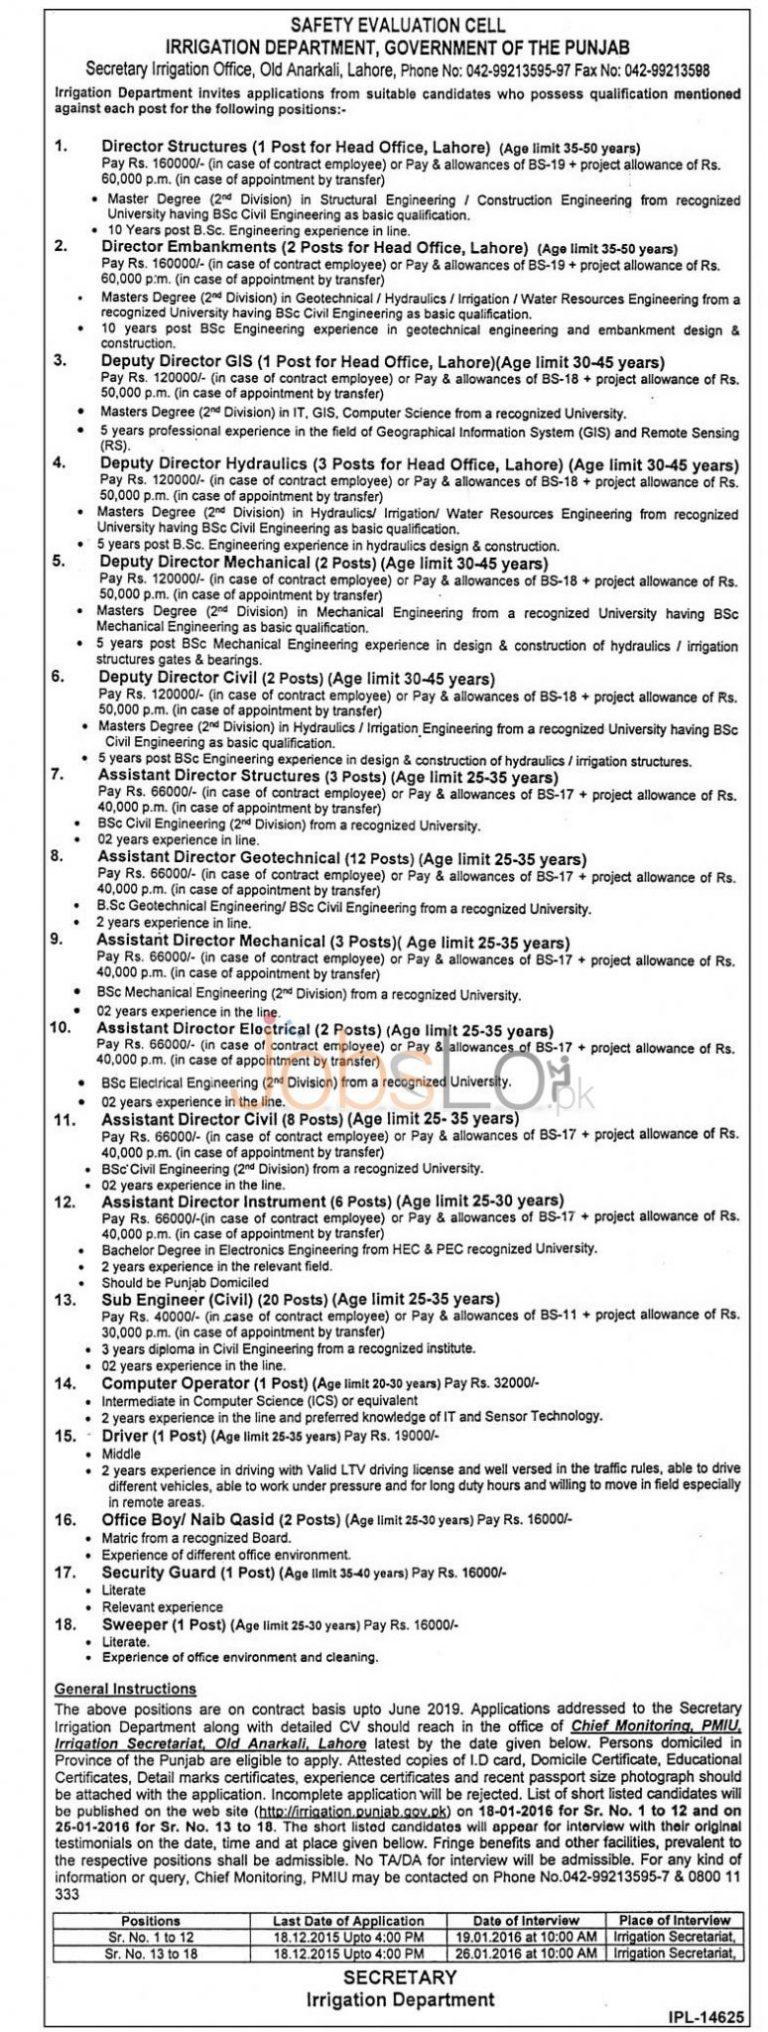 Irrigation Department Punjab Jobs 2015 Eligibility Criteria & Last Date